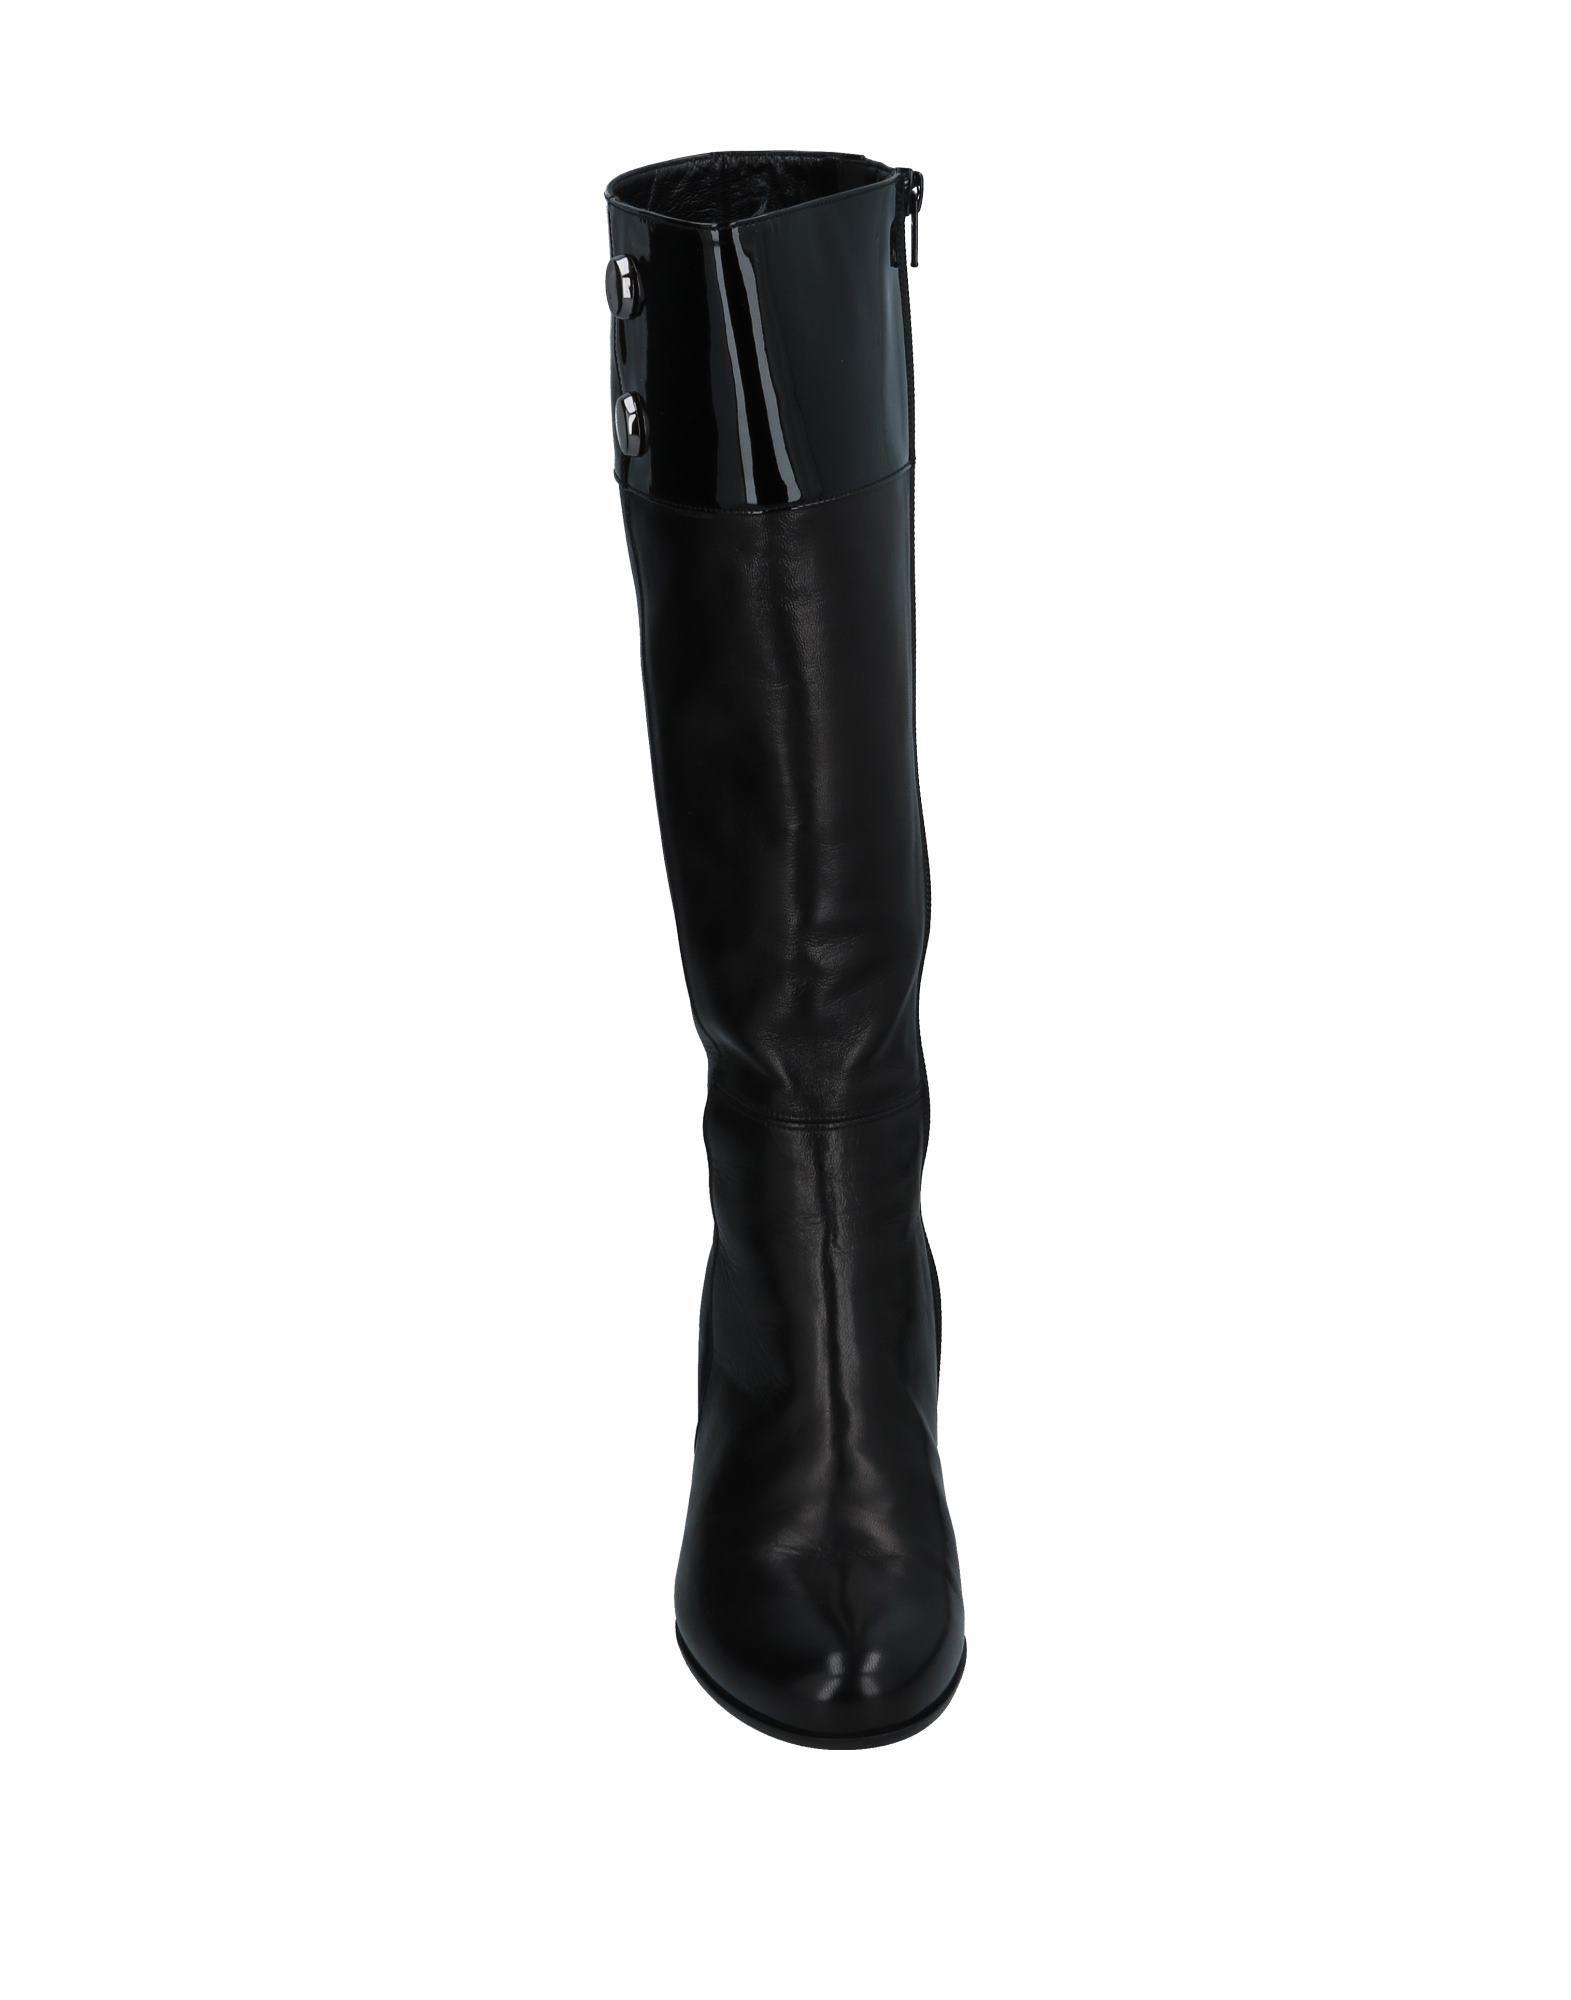 Donna Soft Stiefel Damen  11538016PD Gute Qualität beliebte beliebte beliebte Schuhe c1f022